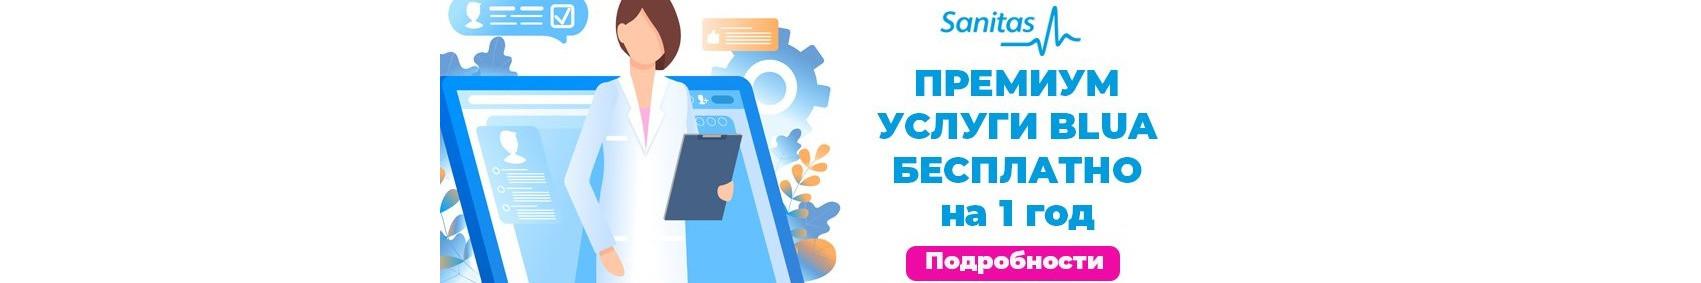 Sanitas. Страхование в Испании